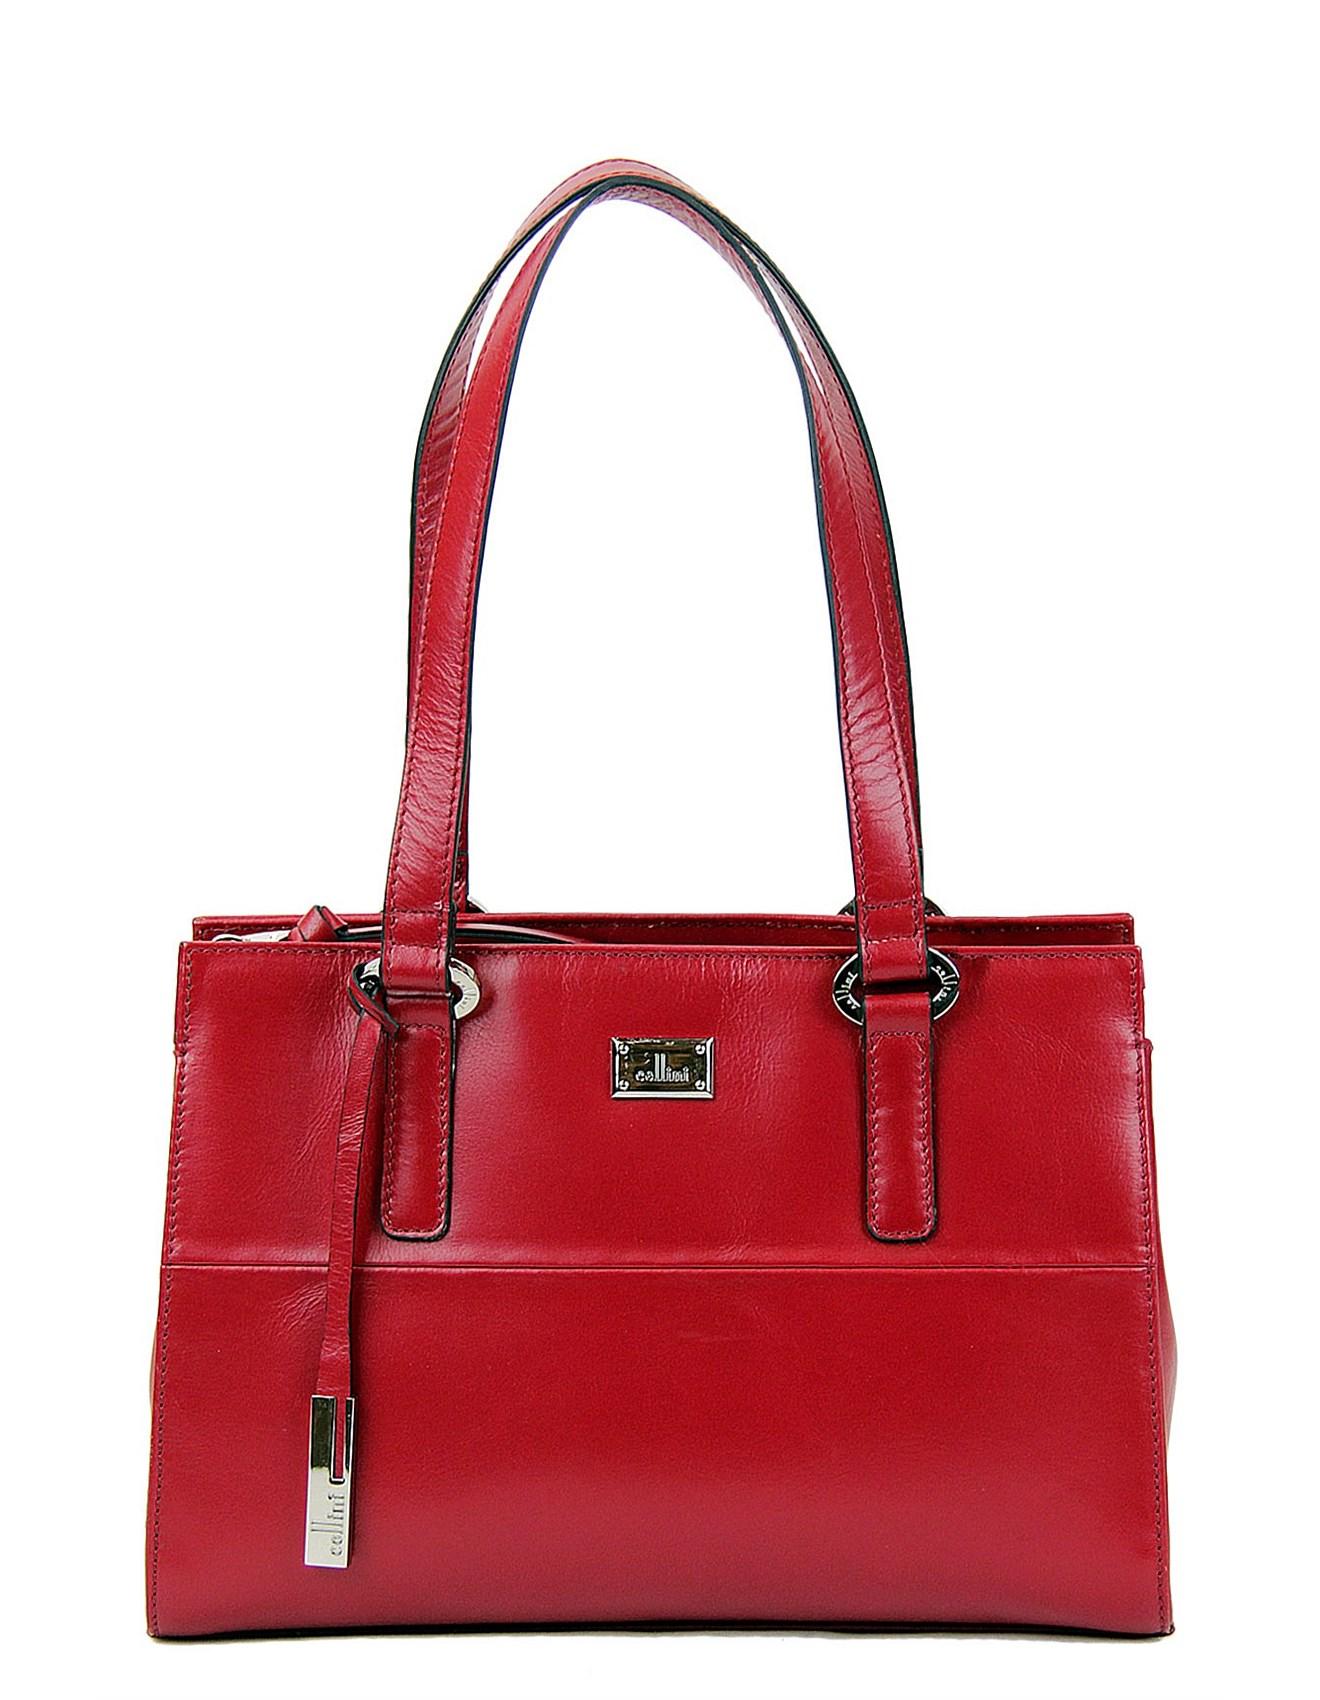 8c205b6e96 Shoulder Bags - CELLINI MAYFIELD E W TOTE